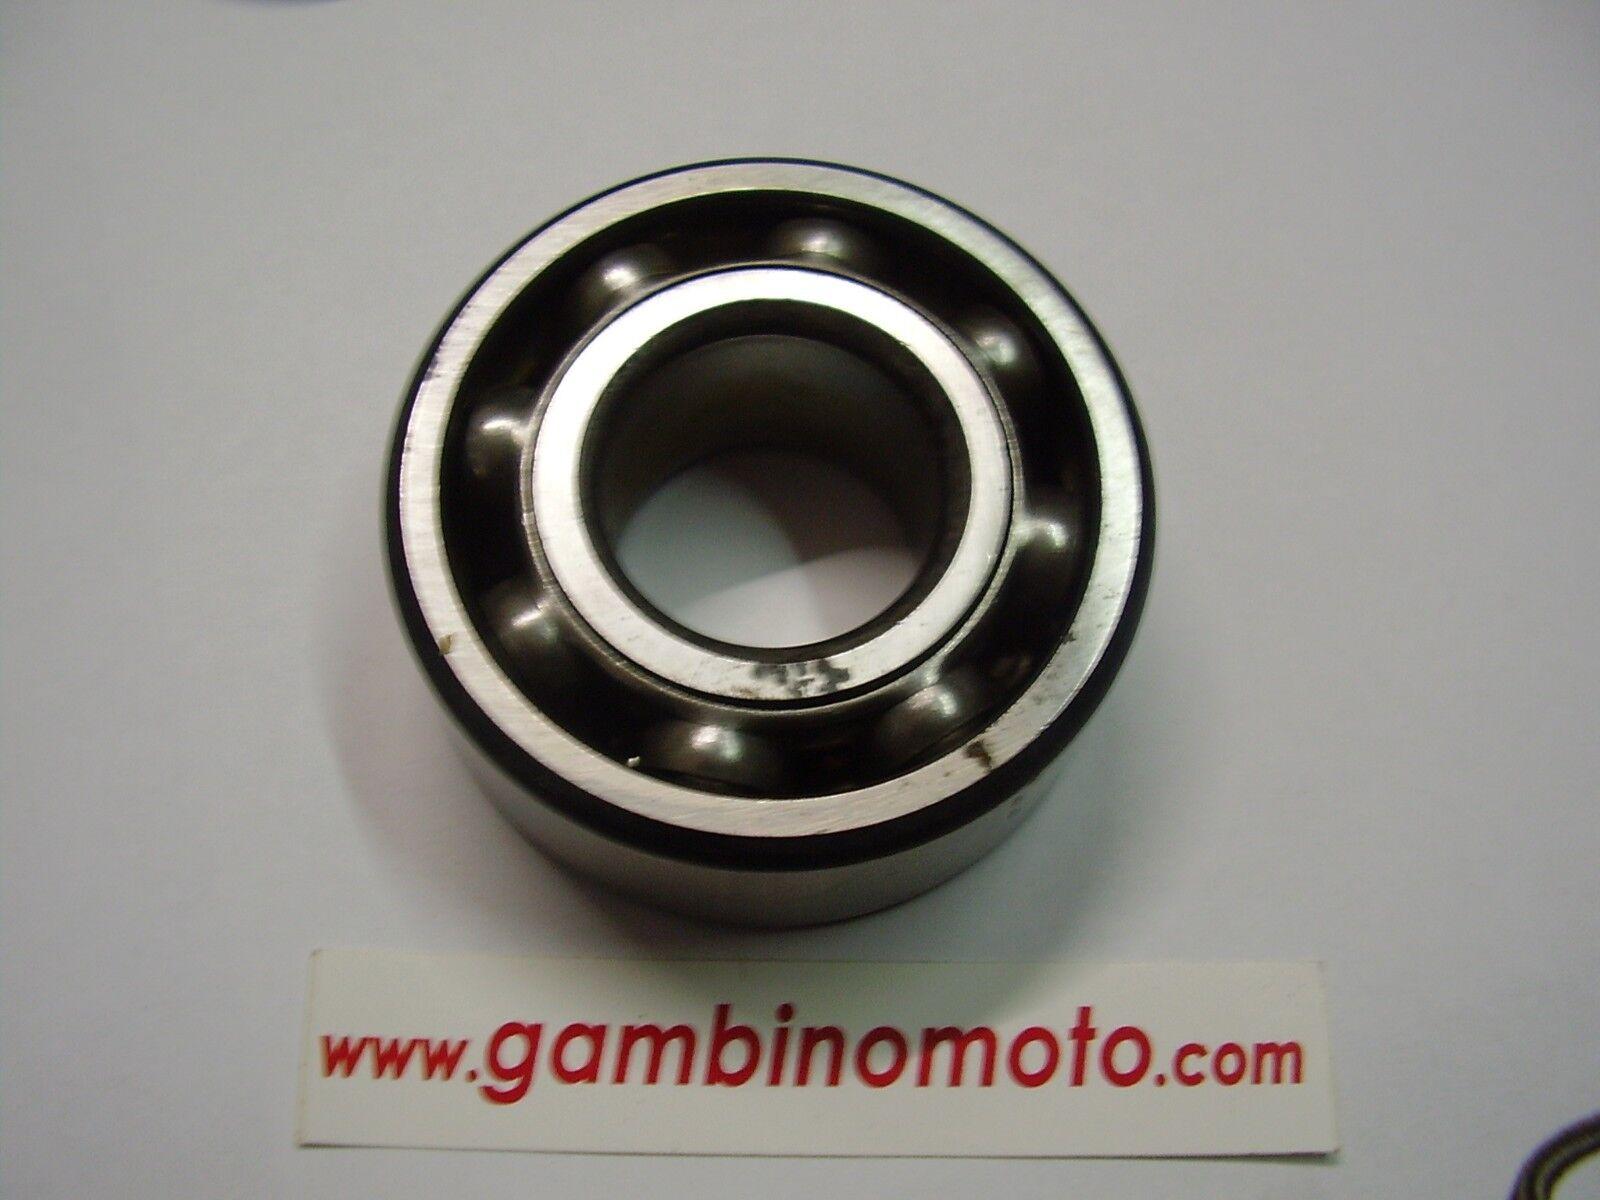 CUSCINETTO RIV FIAT 1100 RIV 8BB 80X35X32 bearing SENZA SCATOLA ORIGINALE